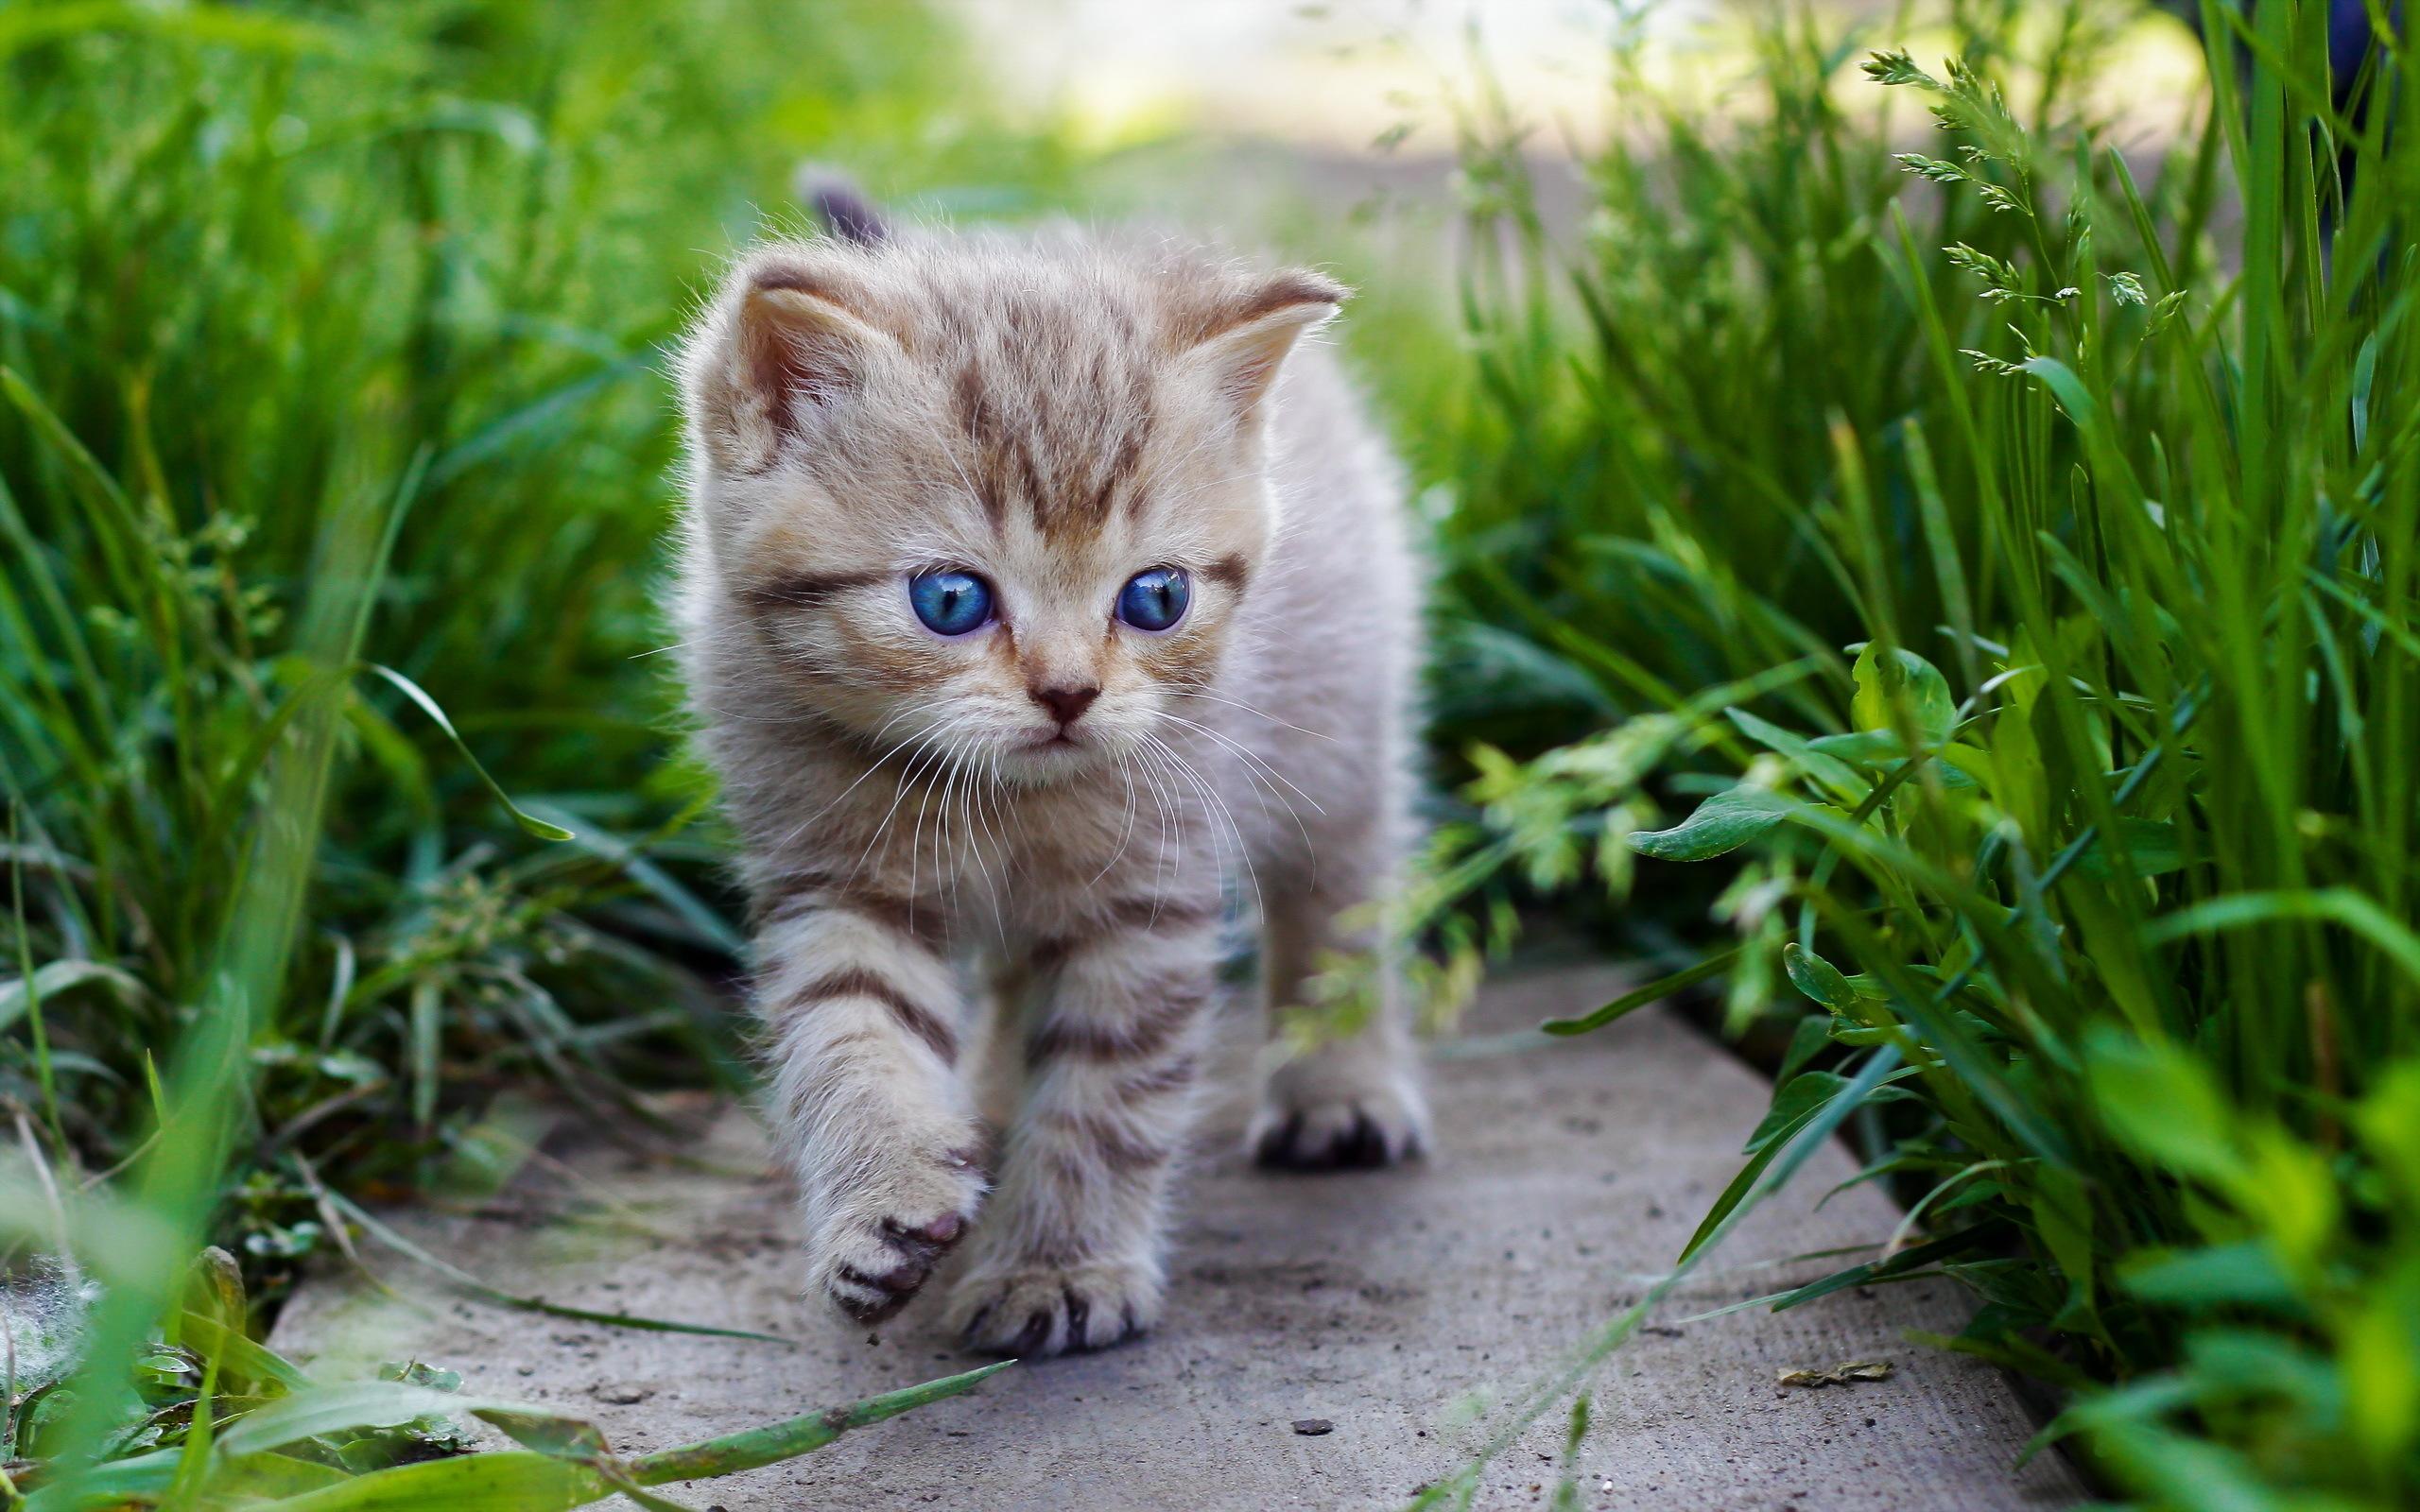 Cats Kittens Grass Animals Kitten Eyes Baby Cute Cat Wallpaper 2560x1600 110397 Wallpaperup